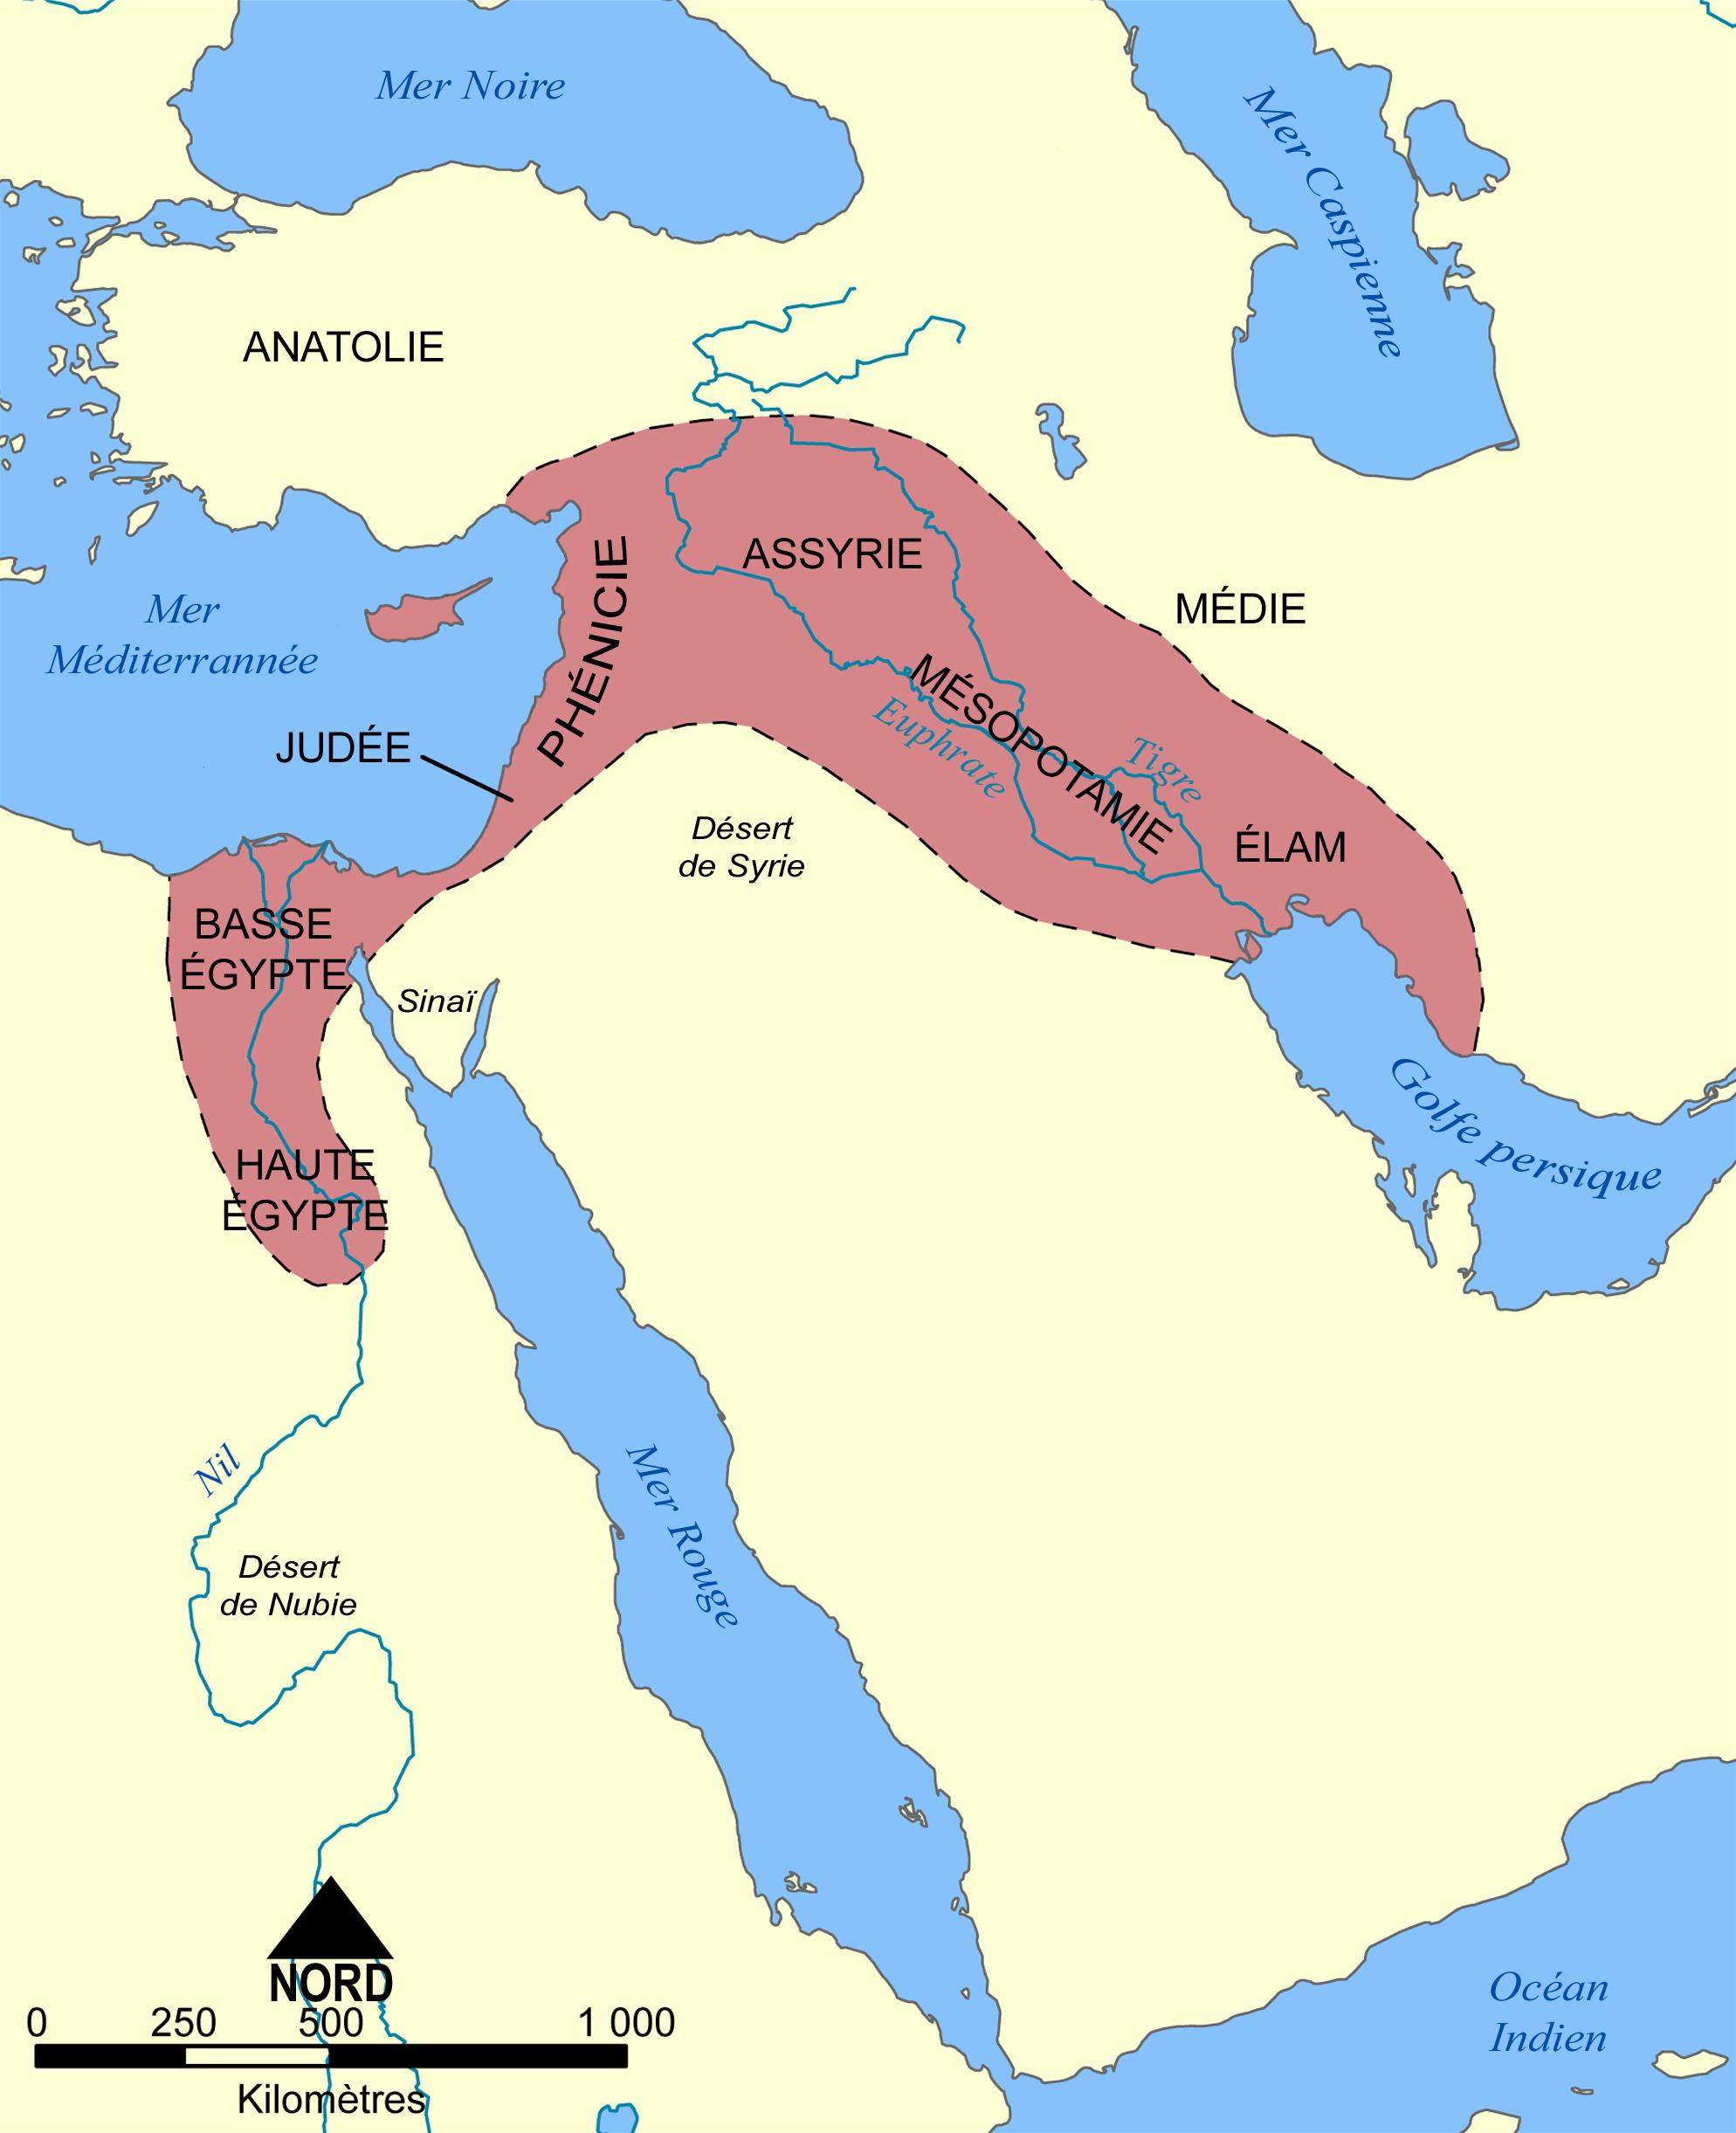 carte de la mésopotamie File:Croissant fertile carte.png   Wikimedia Commons